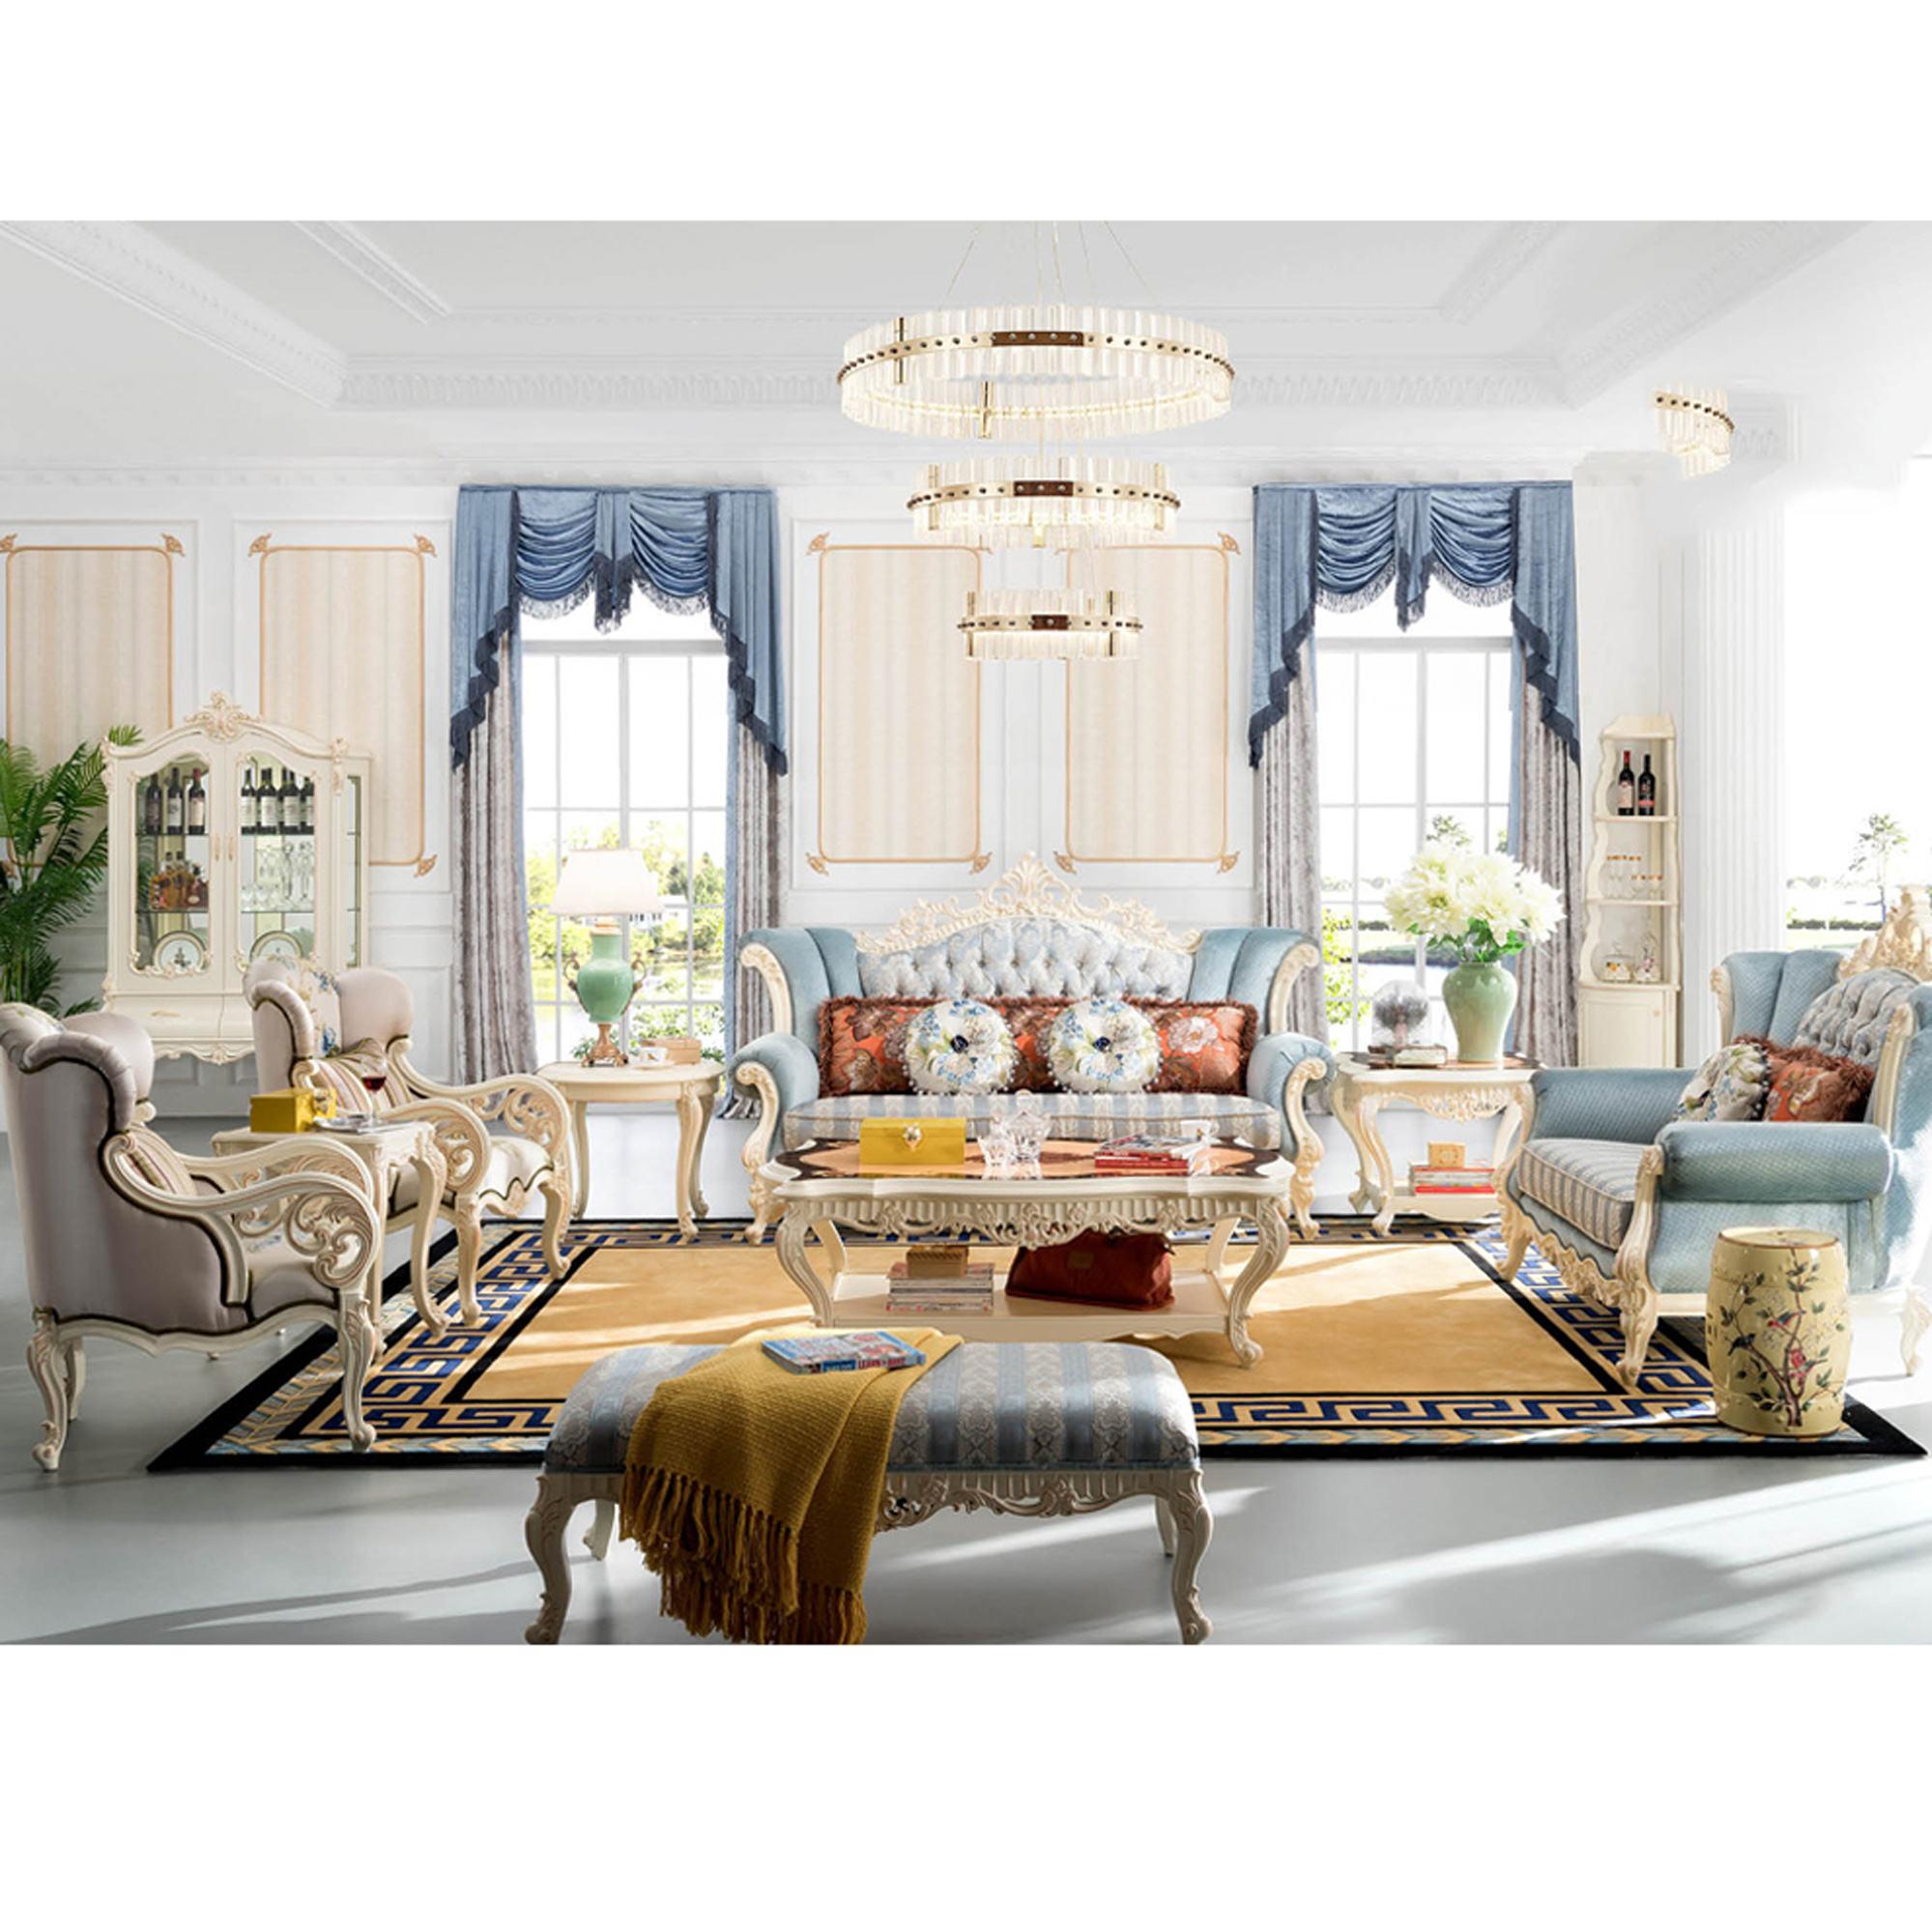 Cuero italiano transversal <span class=keywords><strong>casa</strong></span> muebles de la sala de sofá en forma de l, conjunto europeo diseños para dibujo habitación árabe